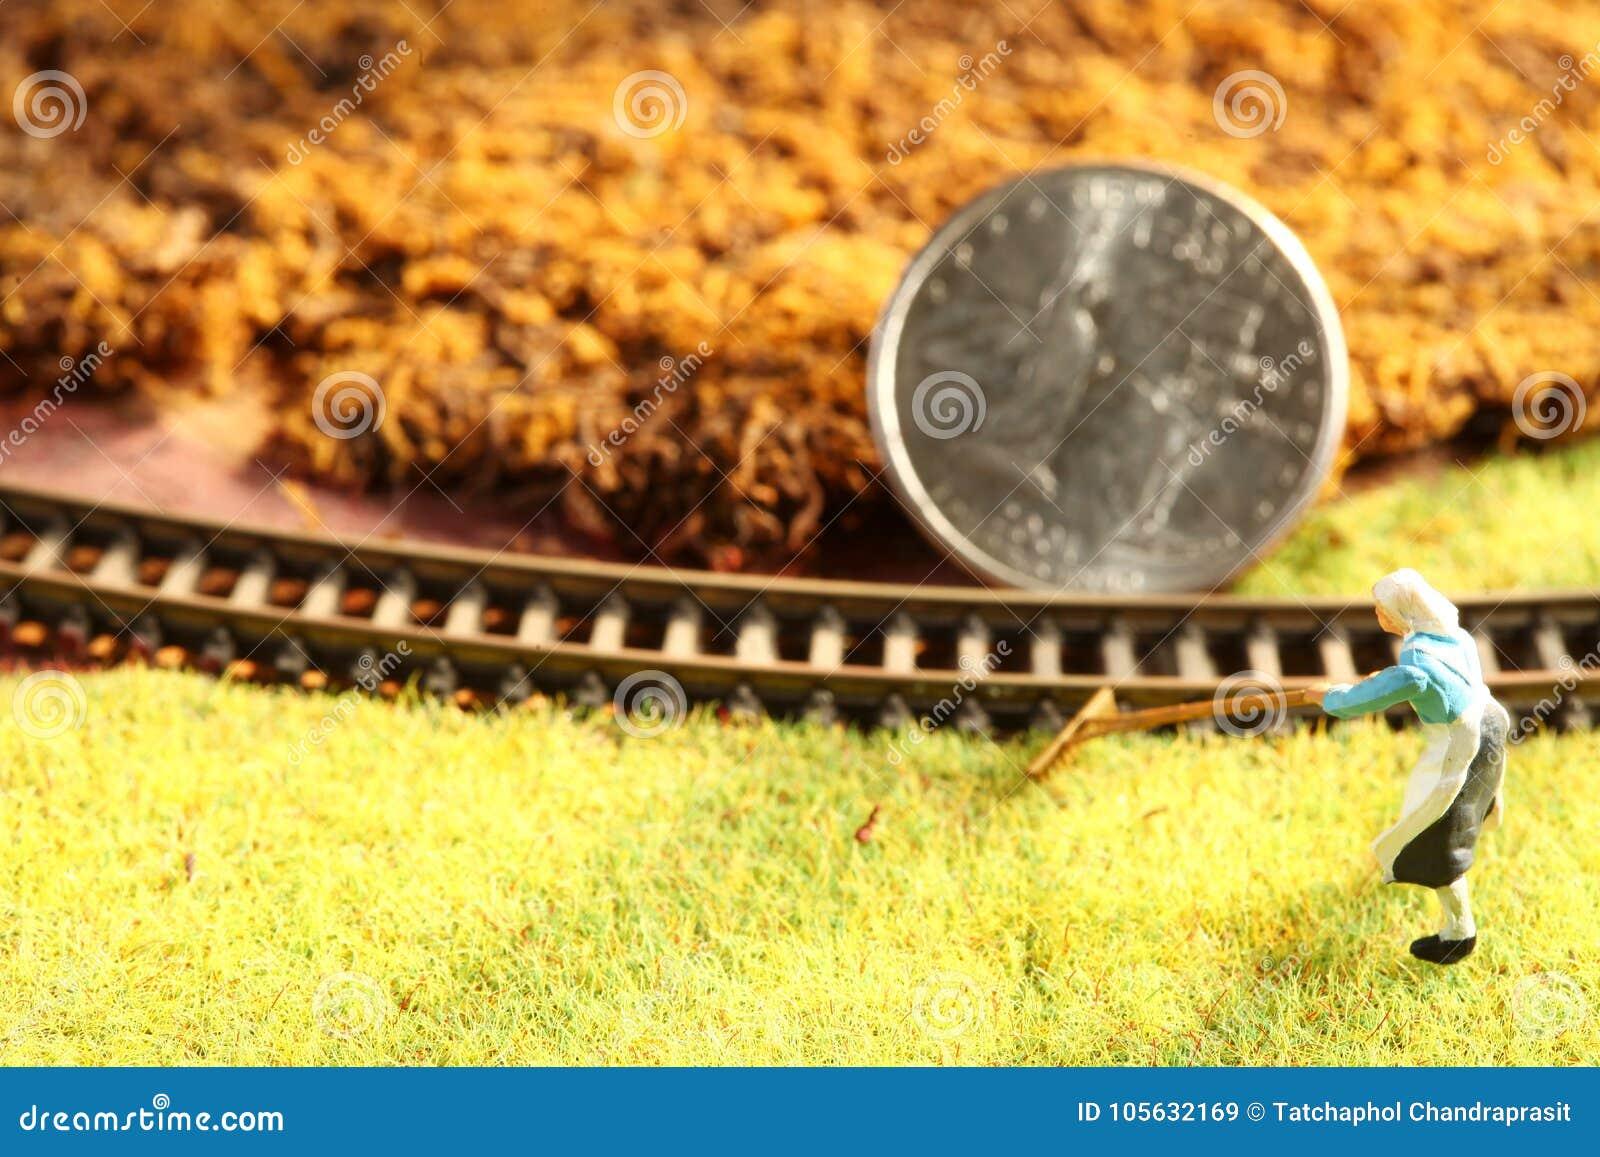 Το νόμισμα χρημάτων έβαλε στη μικροσκοπική πρότυπη σκηνή σιδηροδρόμου